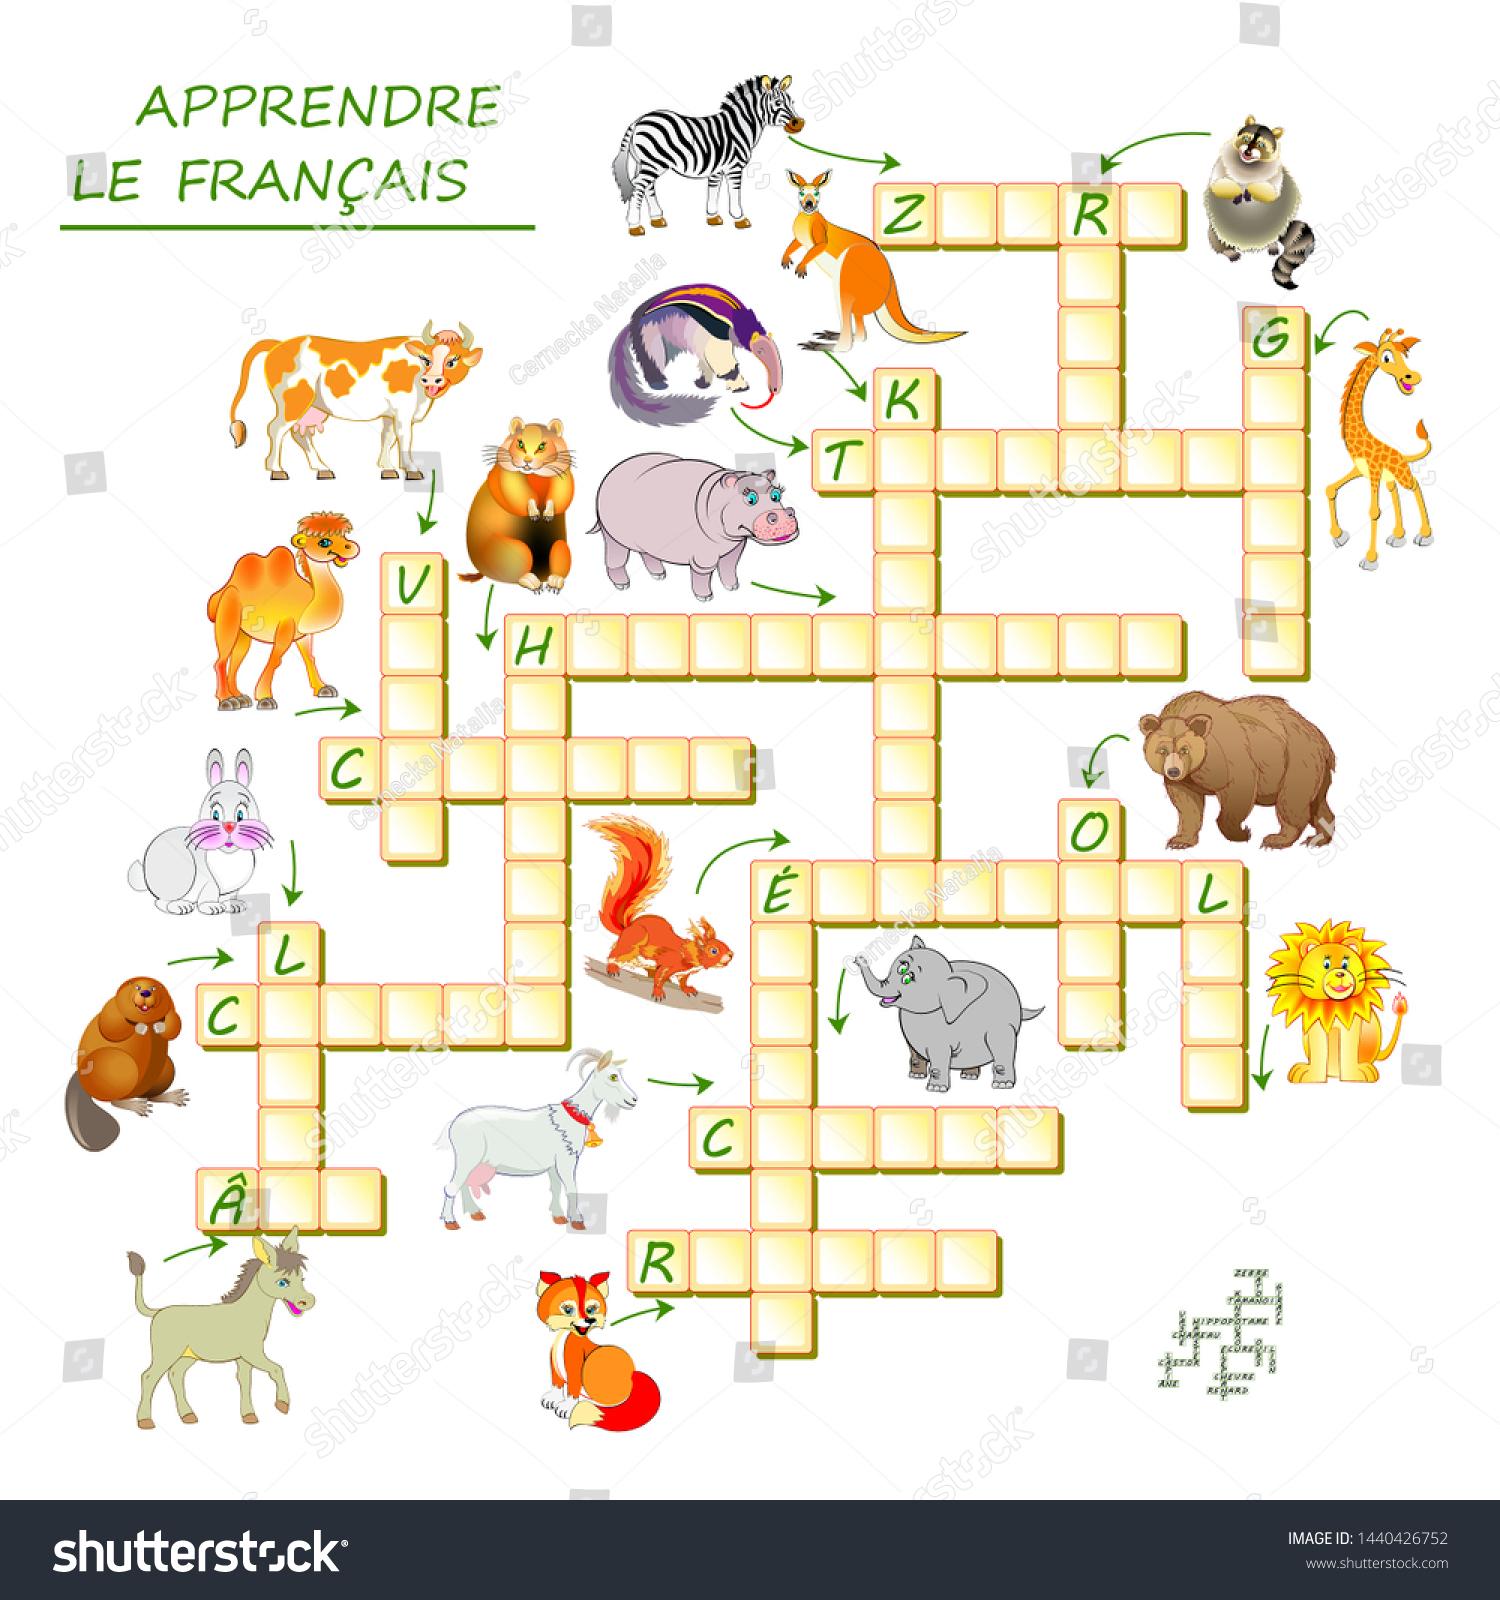 Image Vectorielle De Stock De Apprenez Le Français. Jeu De encequiconcerne Mots Fleches Pour Enfants